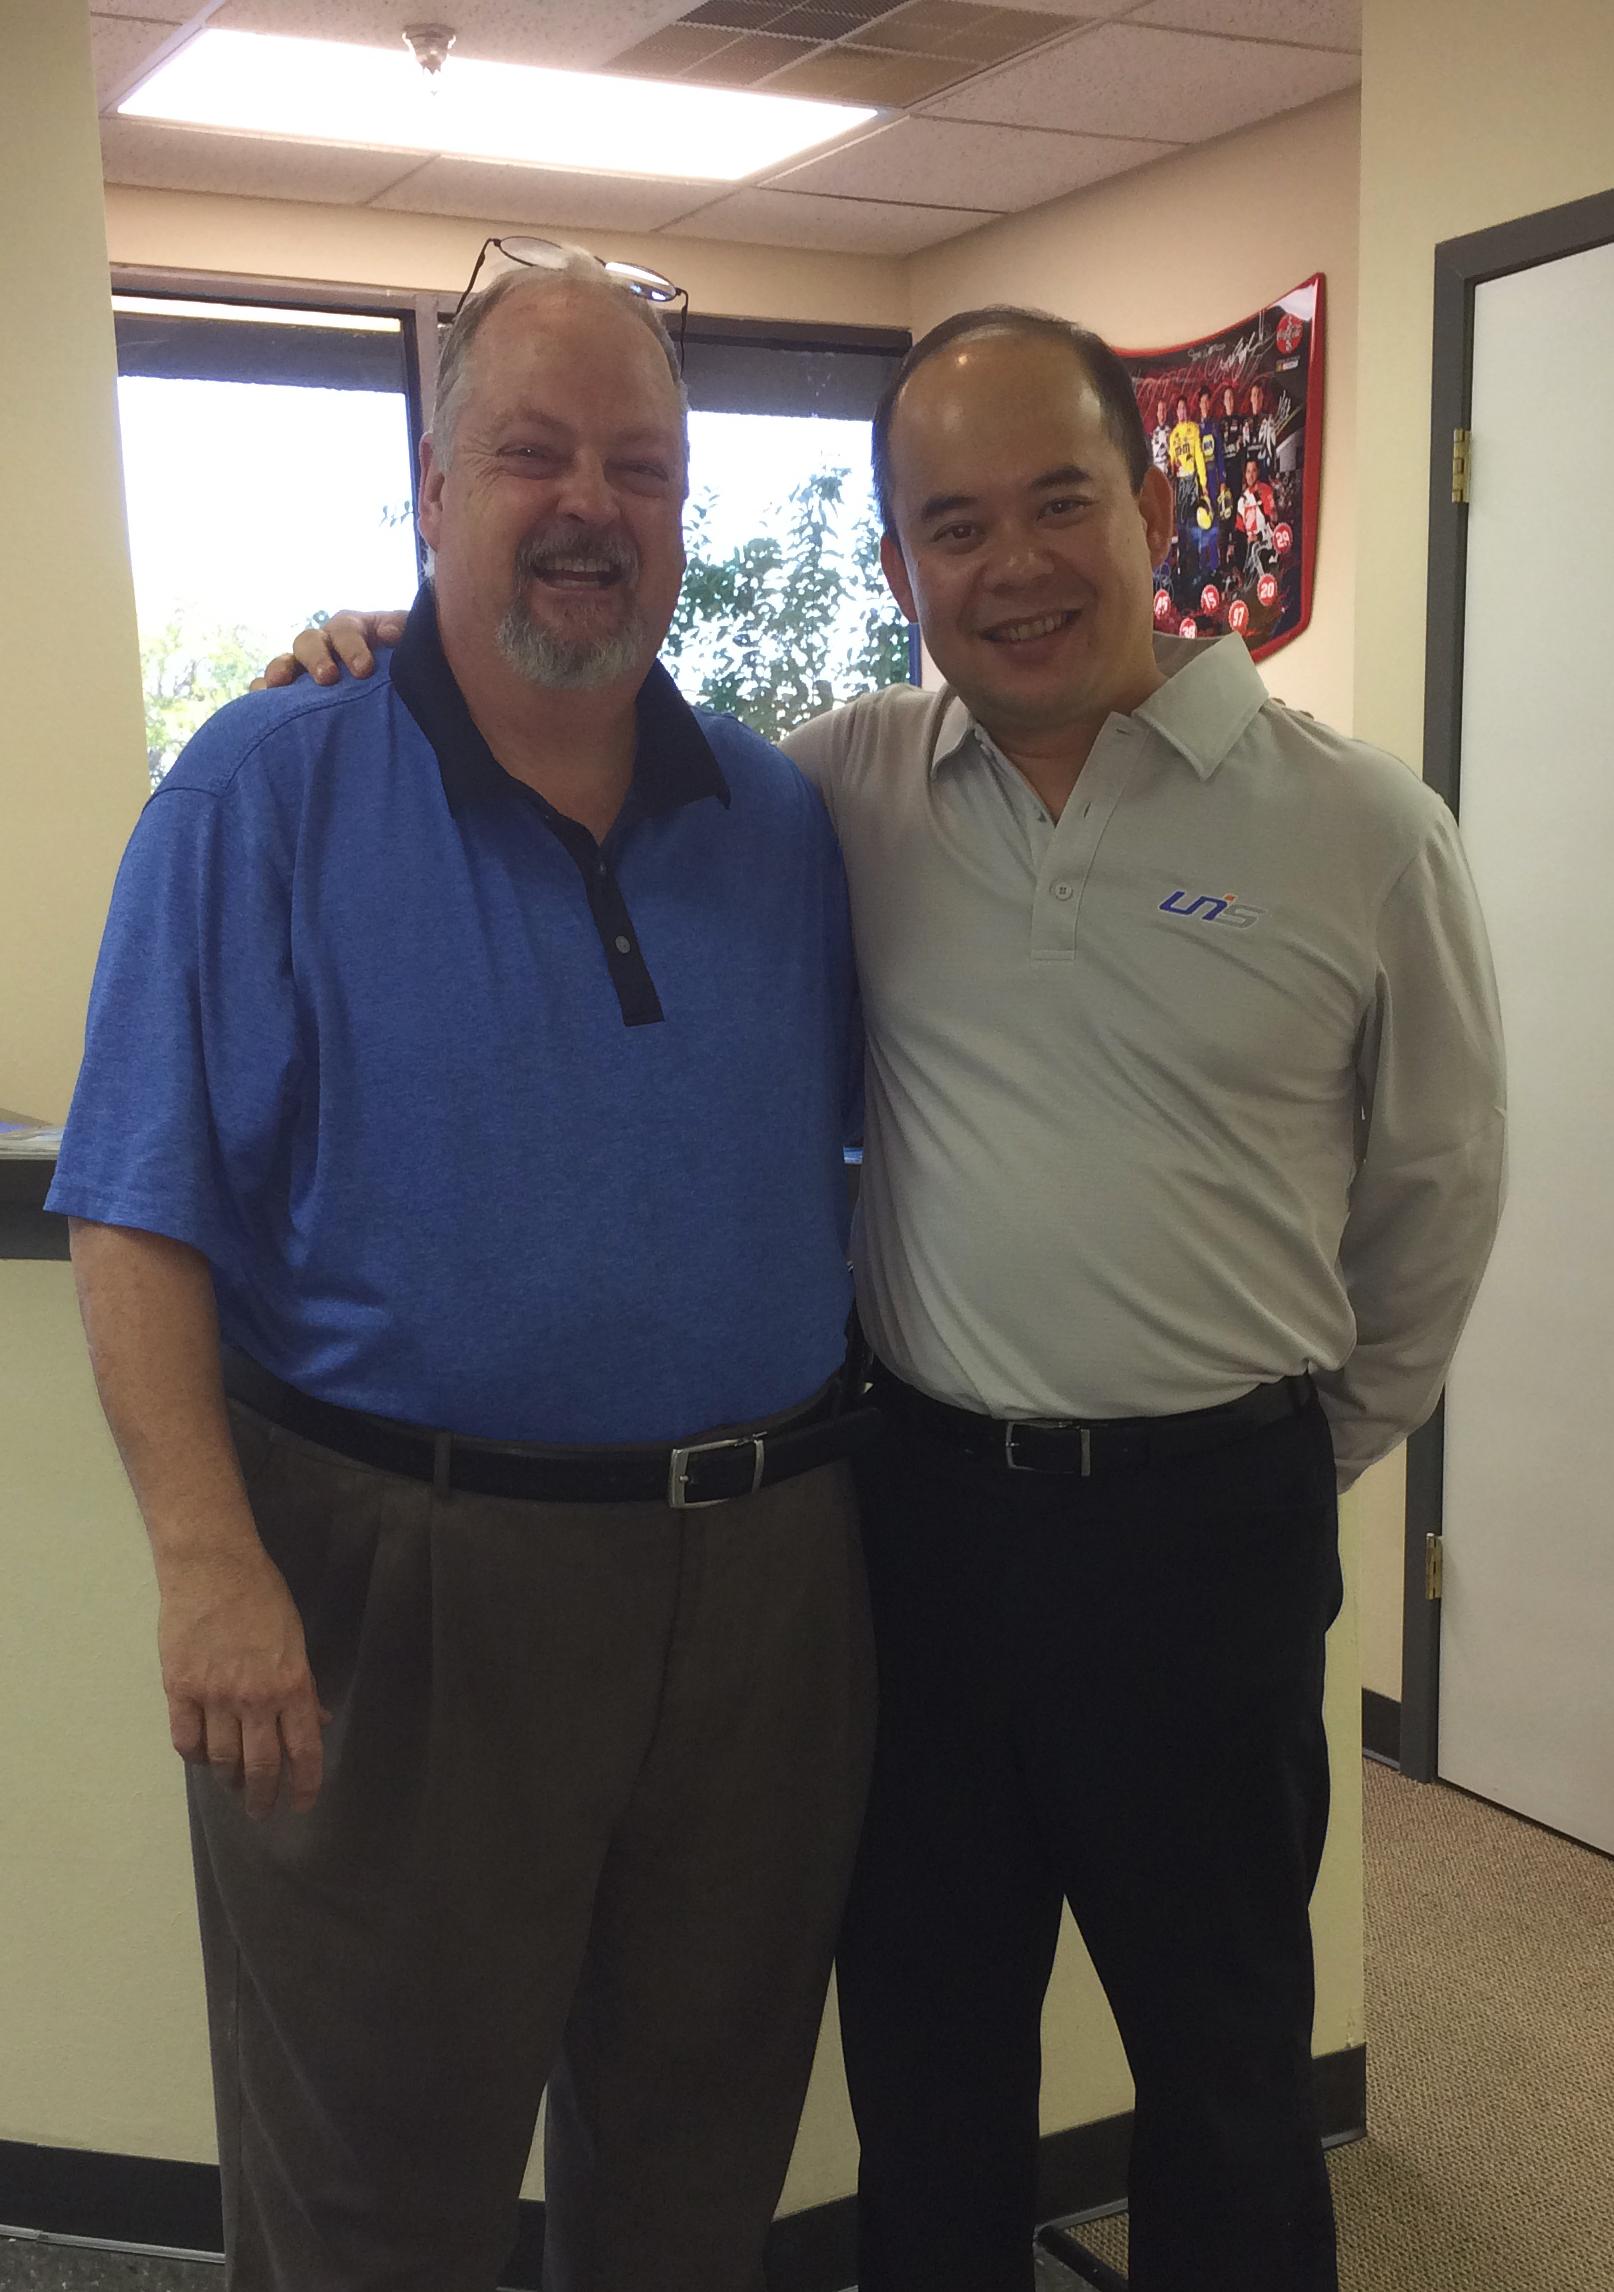 Steven Tan and Jim Pinkston